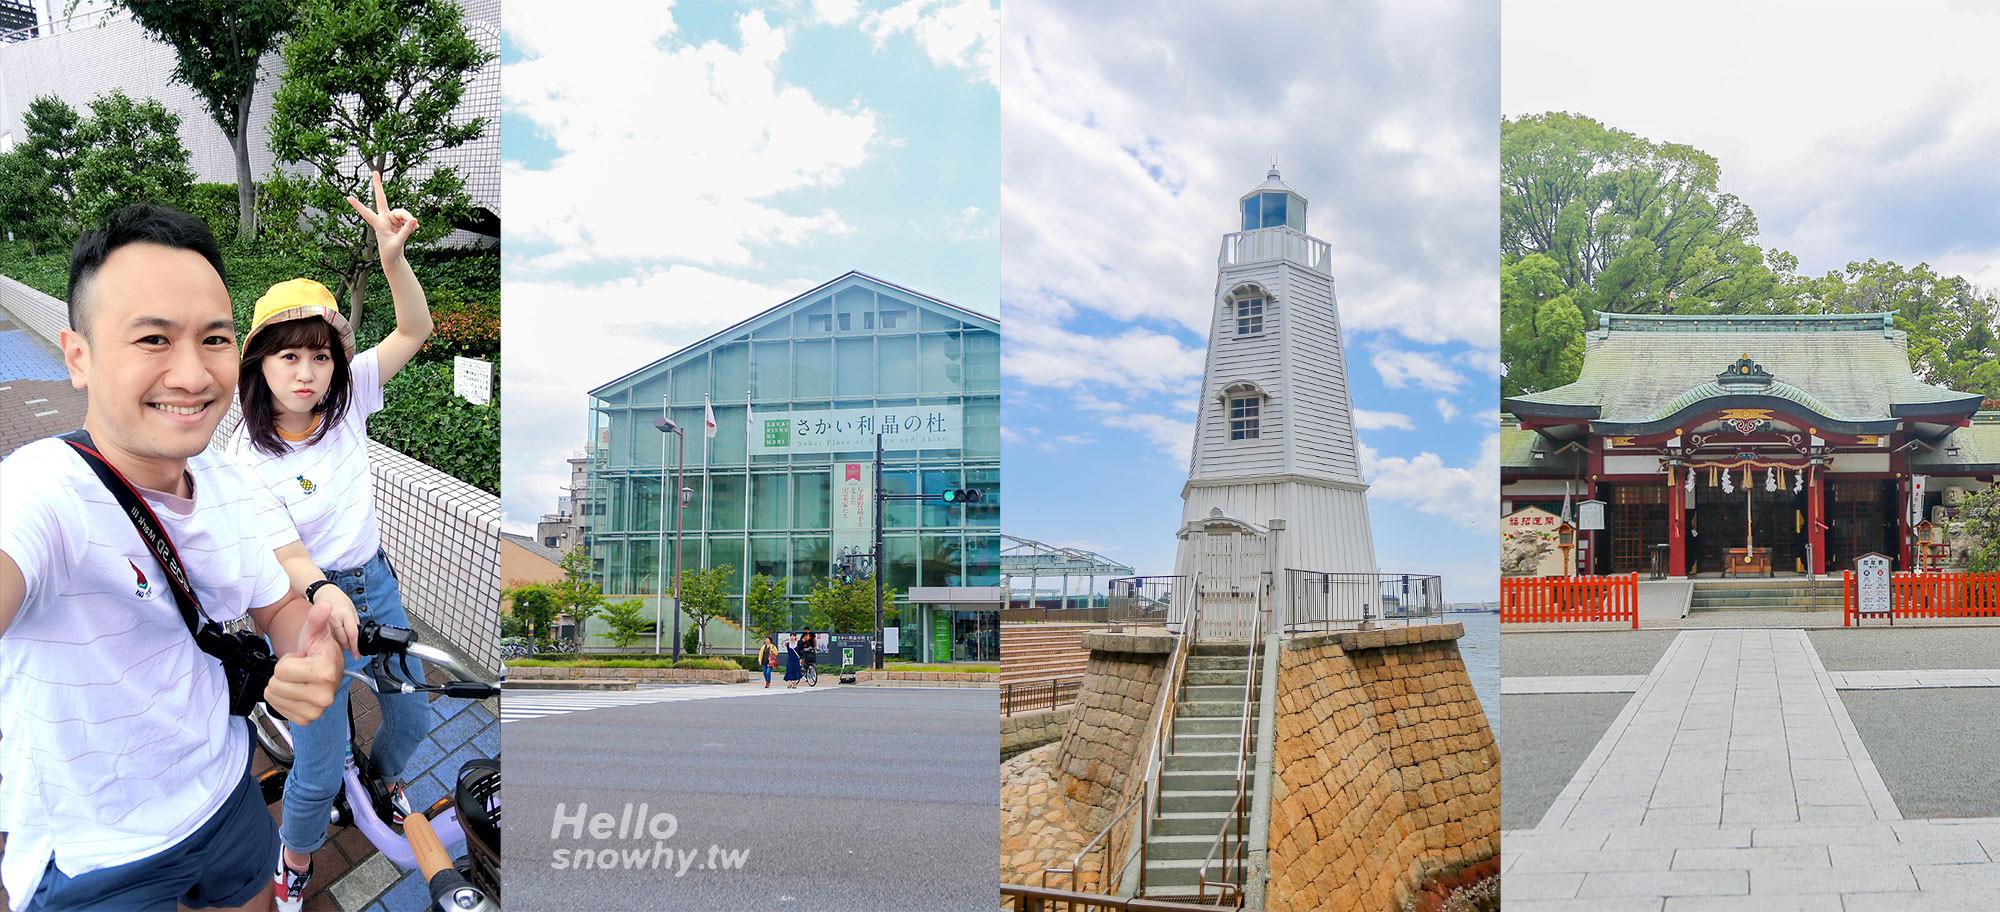 大阪堺市單車一日遊 | 南海堺站經舊堺燈台、南宗寺至宿院站的歷史文化巡禮